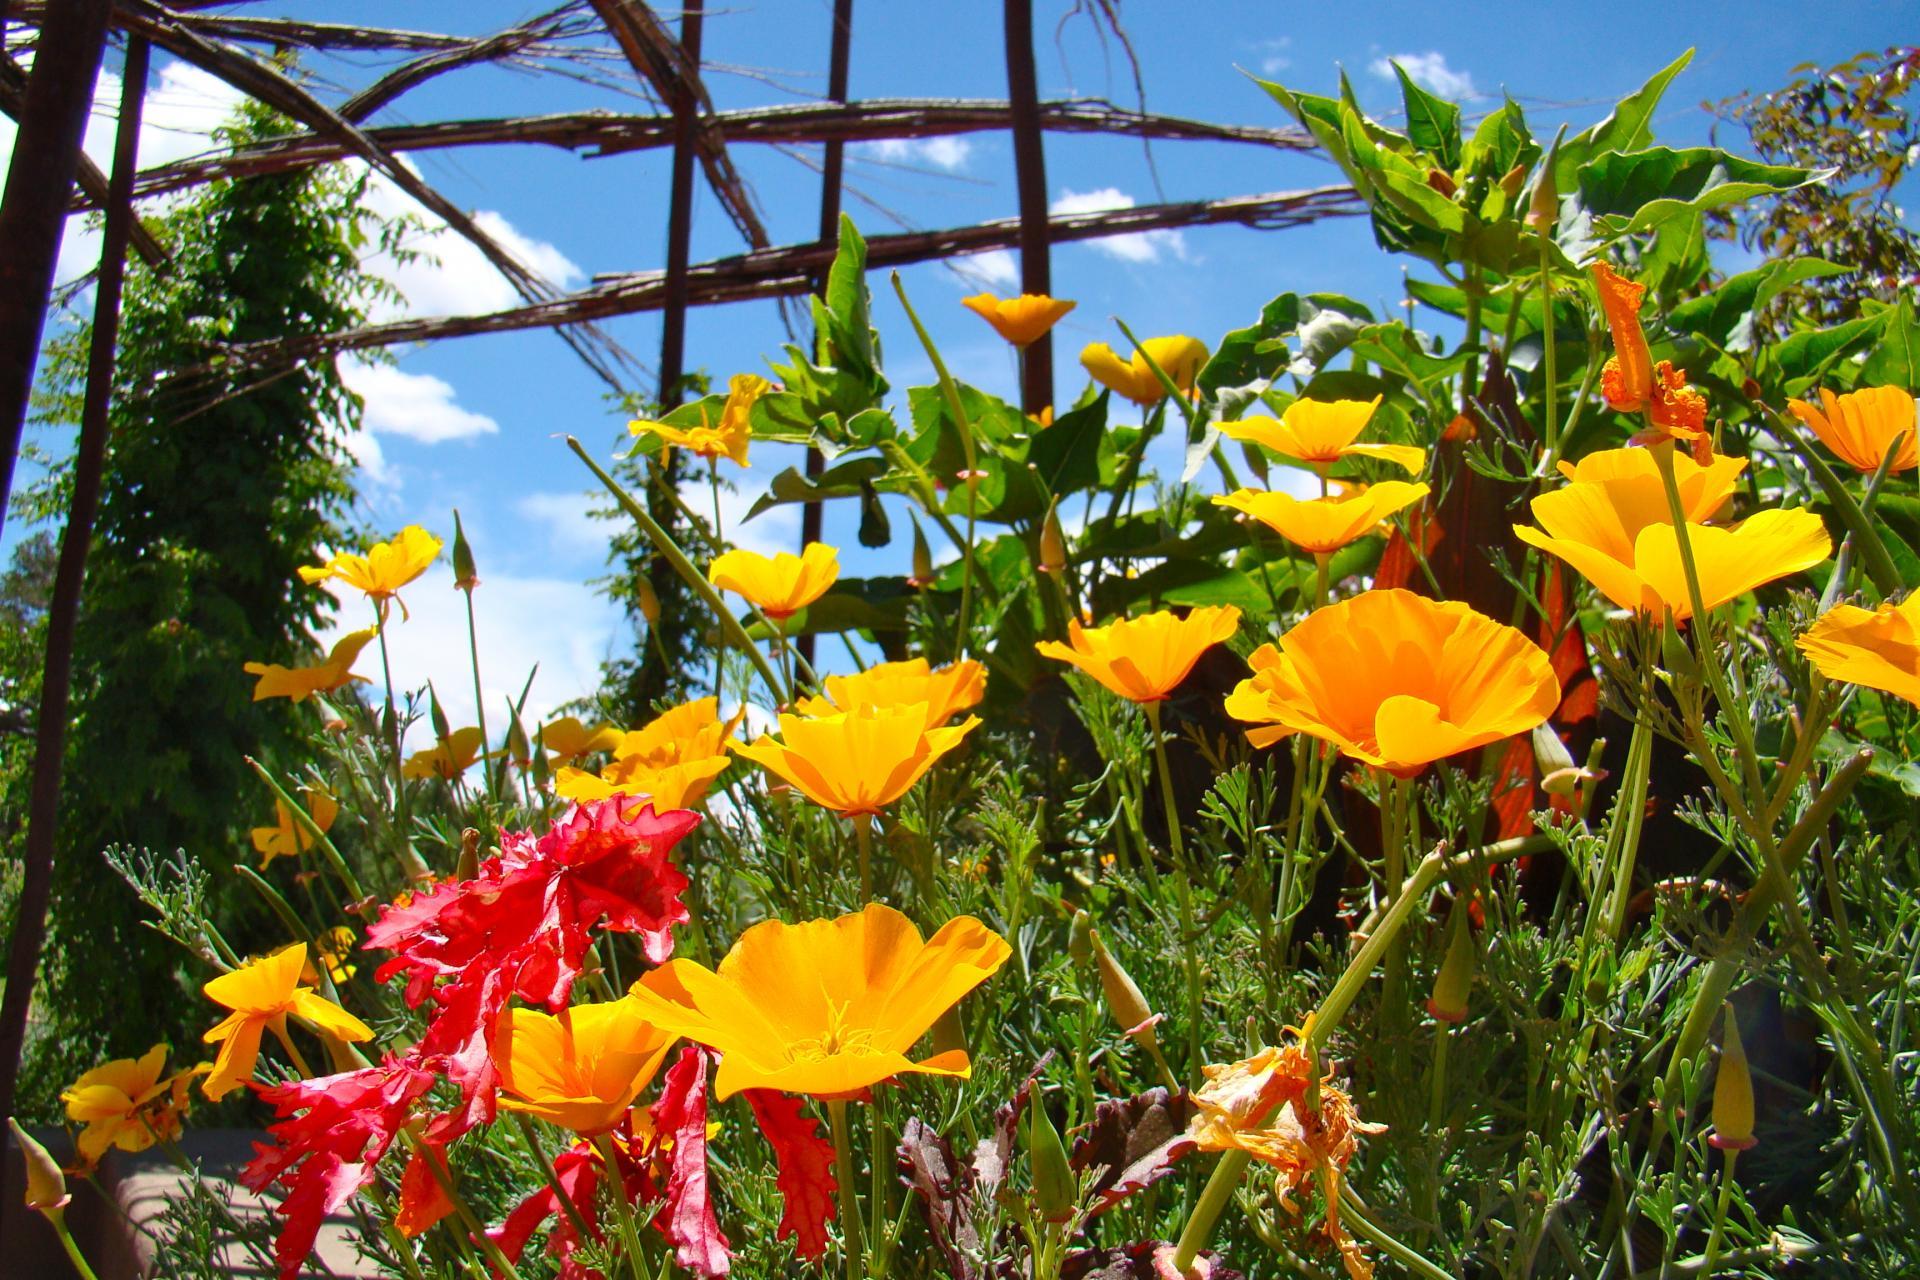 Santa Fe Botanical Garden photo